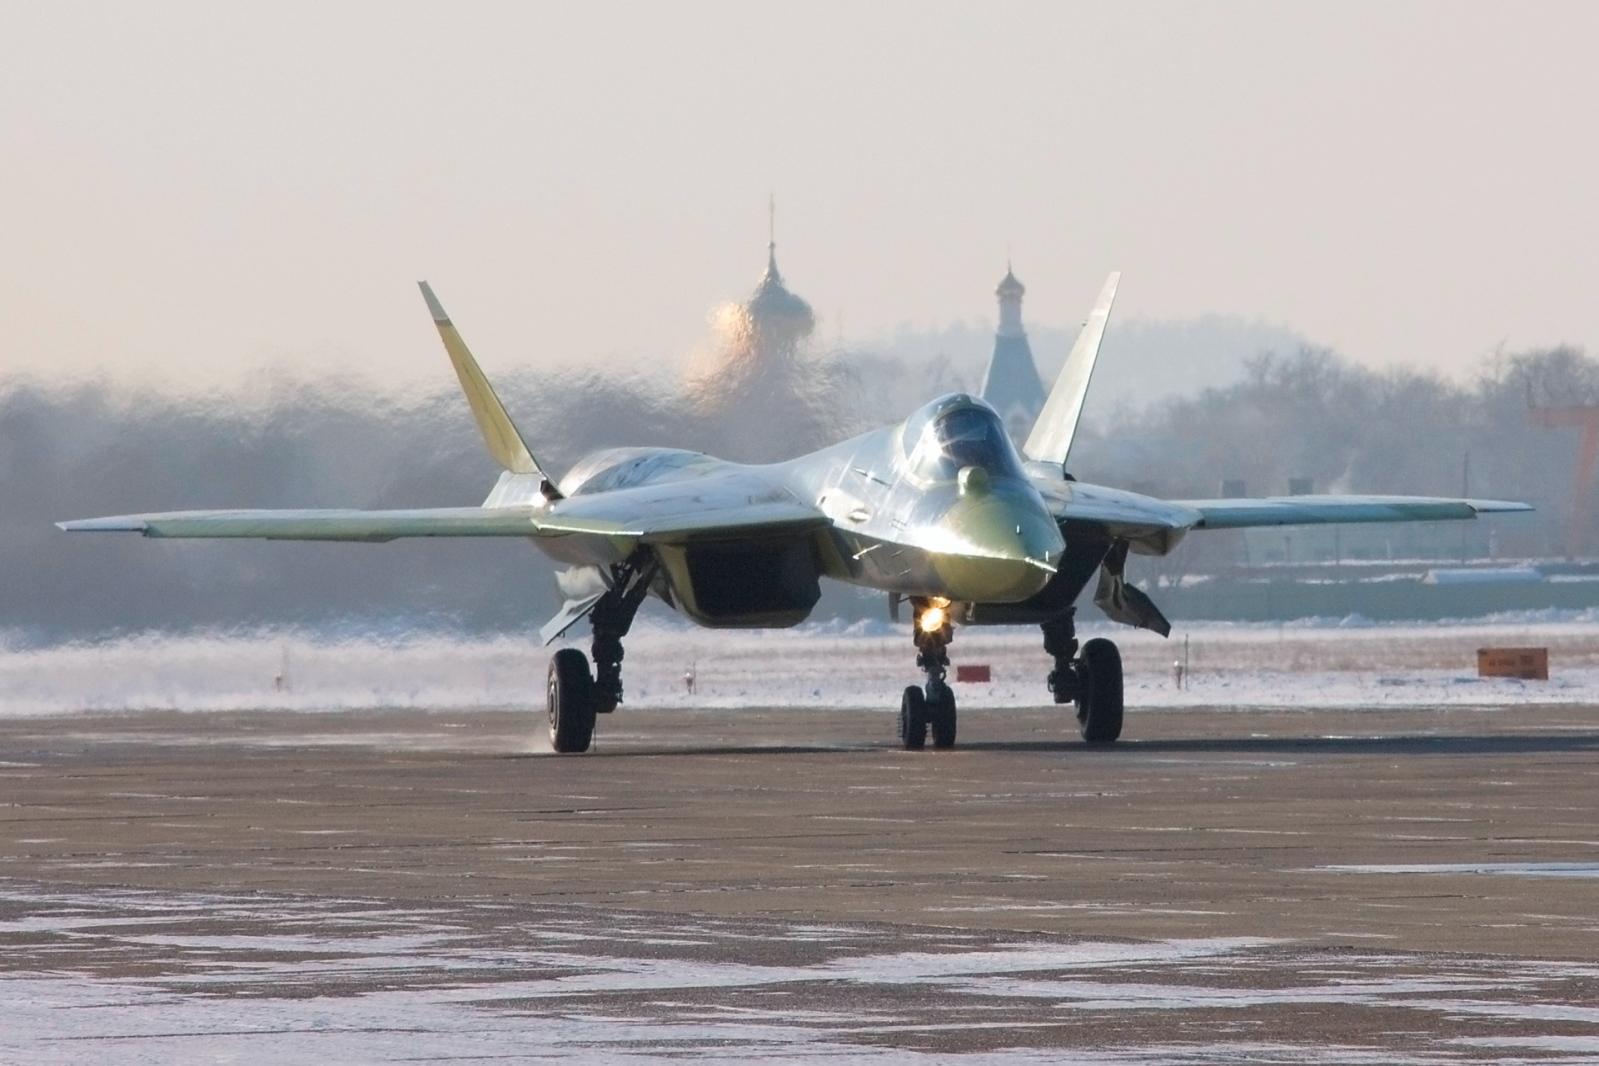 ПАК ФА заставит американцев изменить программу развития тактической авиации